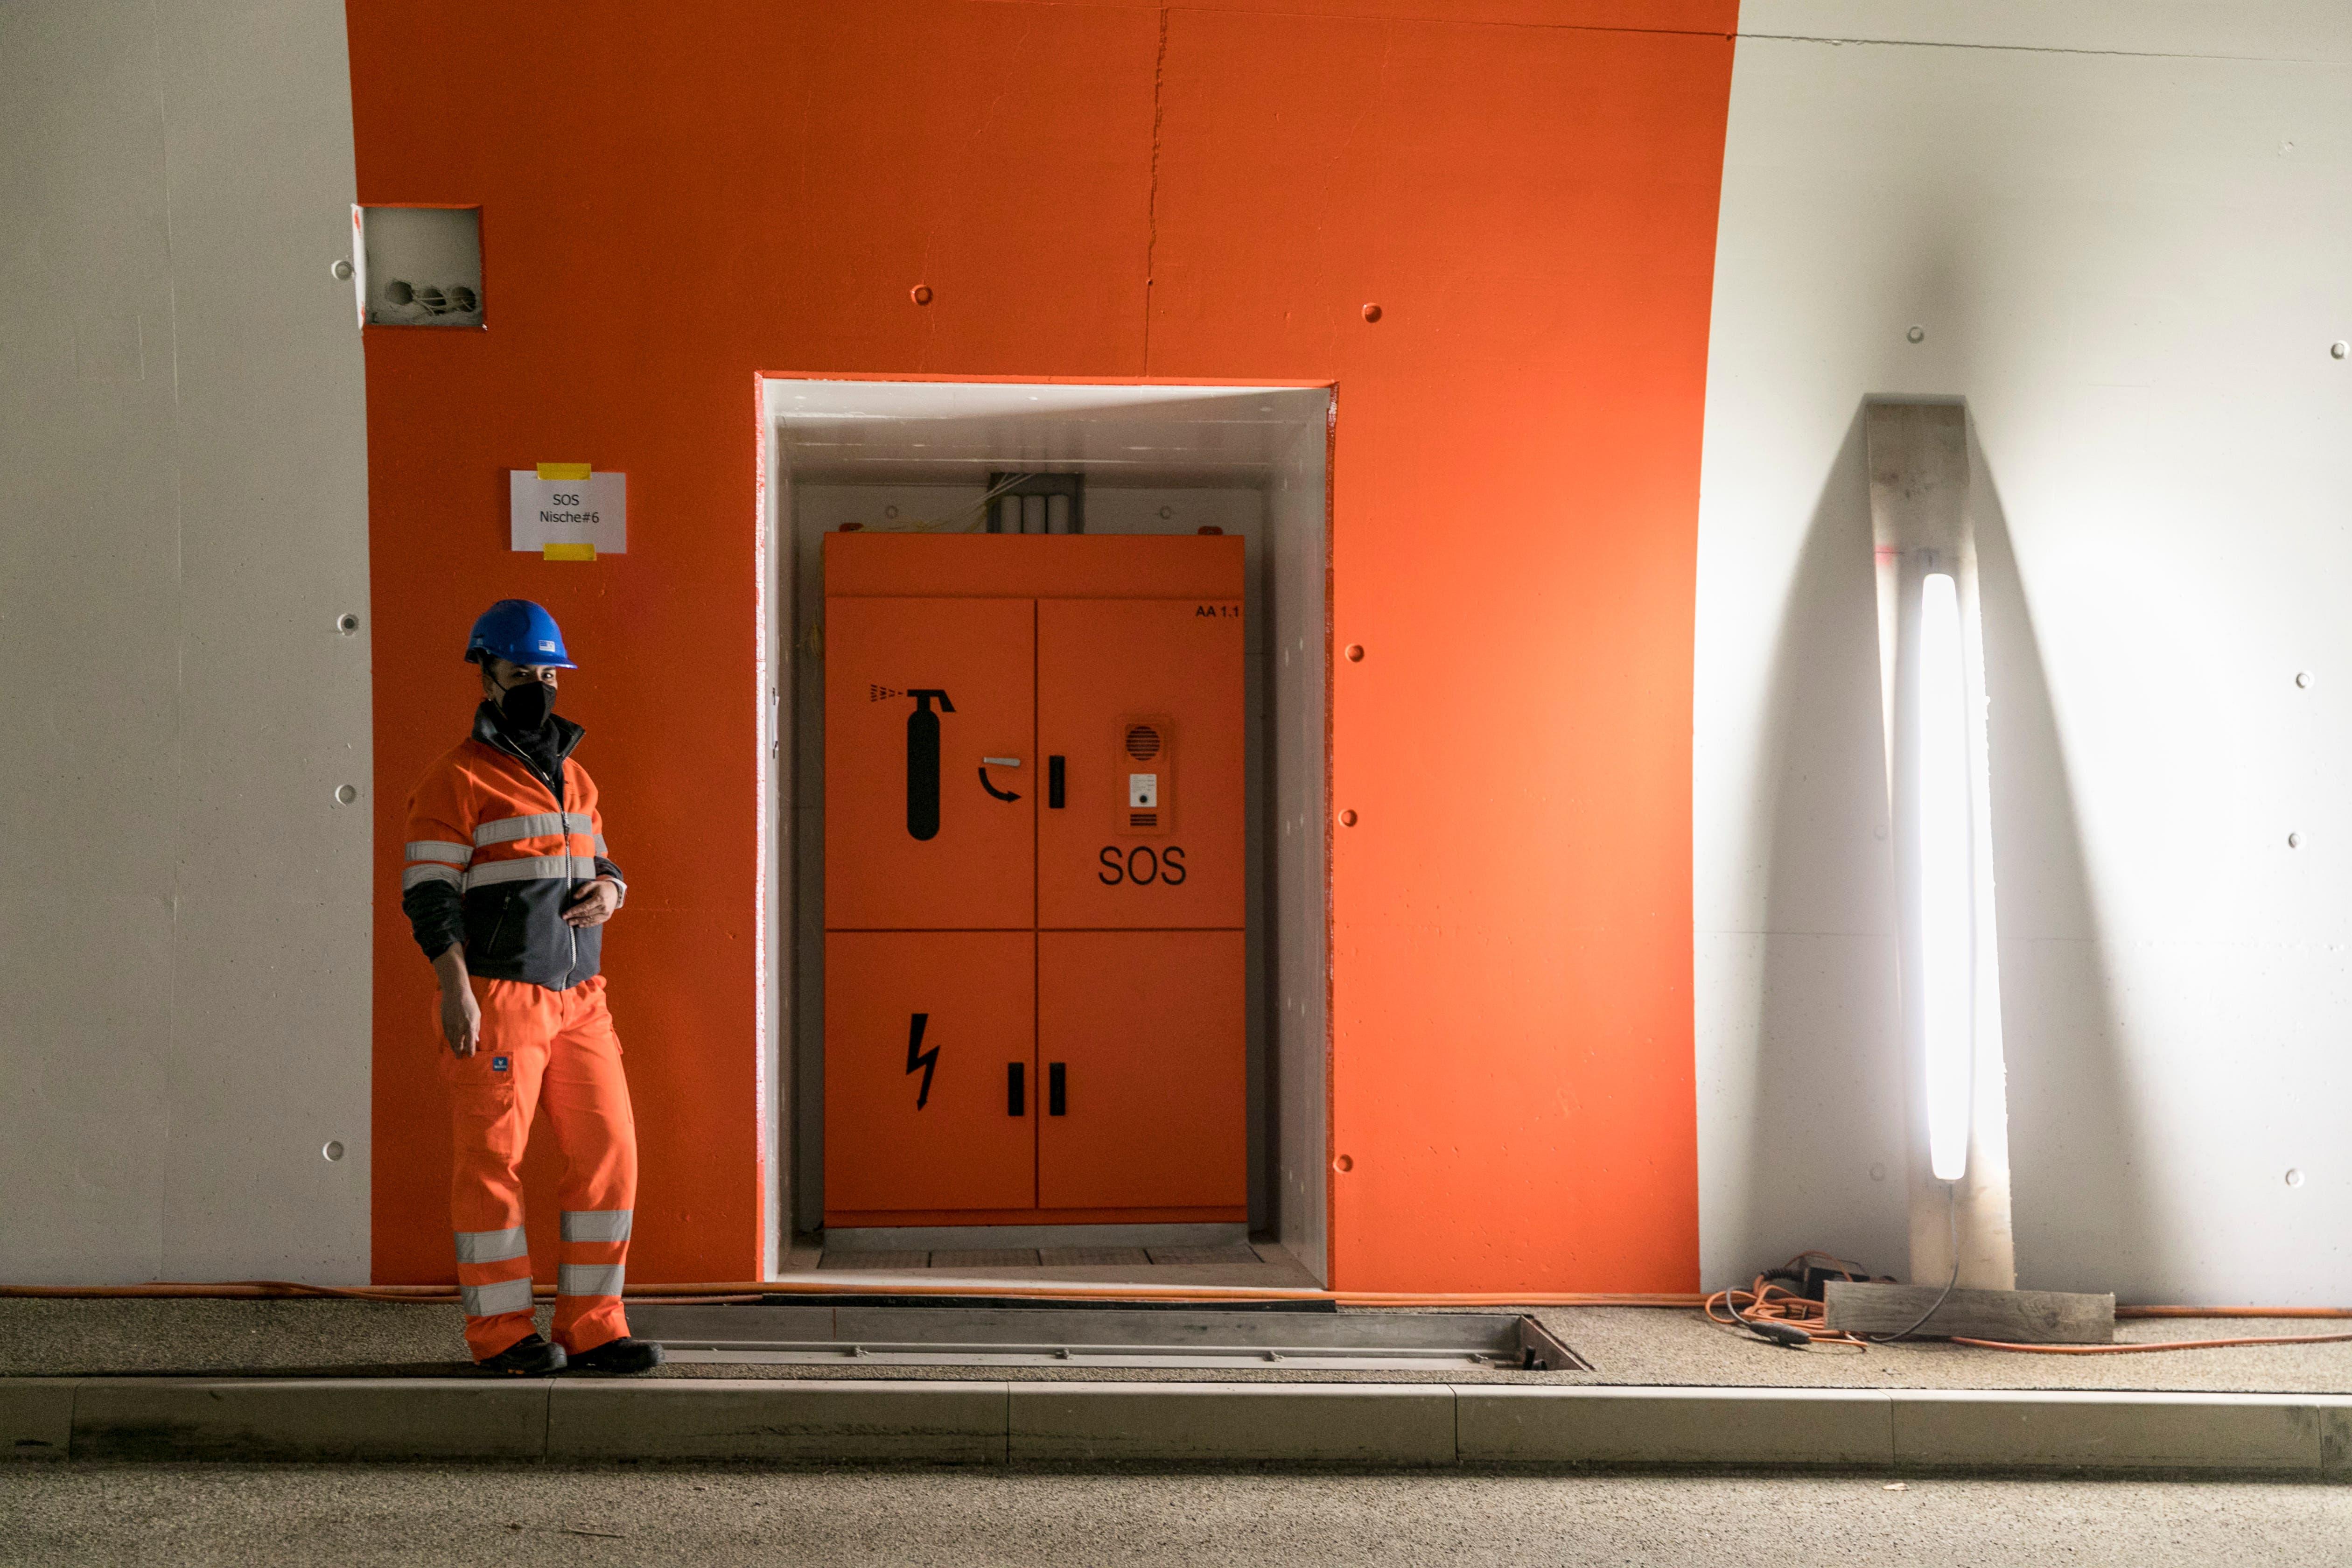 Martina Tobler, Teilprojektleiterin Elektrotechnik, zeigt eine der sechs SOS-Nischen im Tunnel.